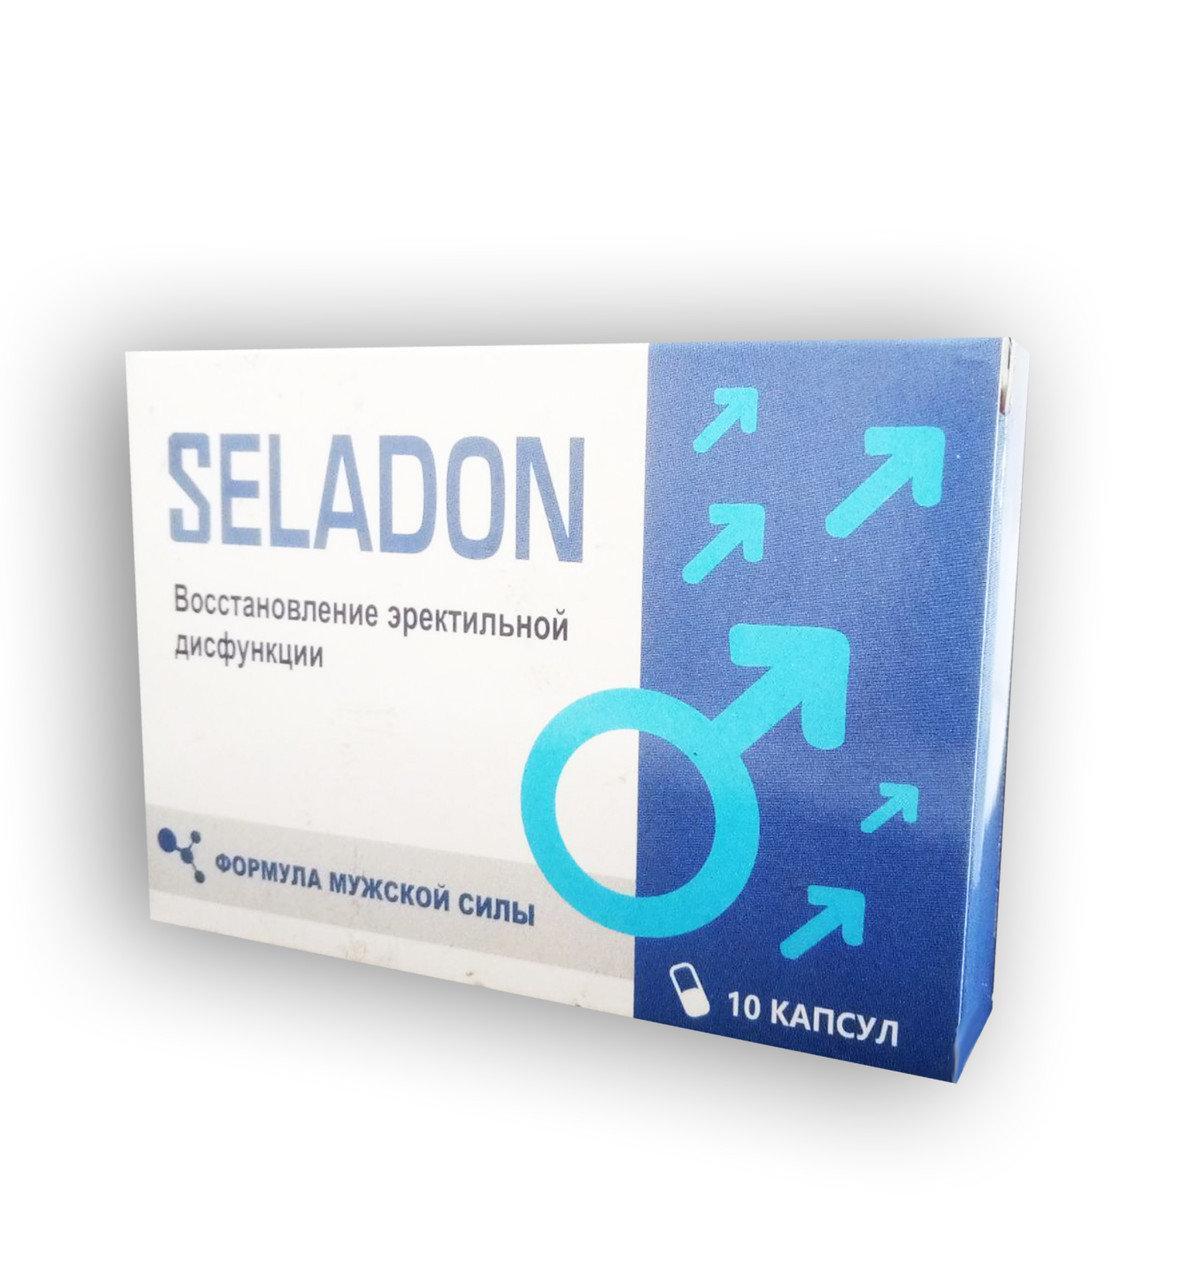 Seladon - Капсулы для укрепления эректильной функции (Селадон) ViP